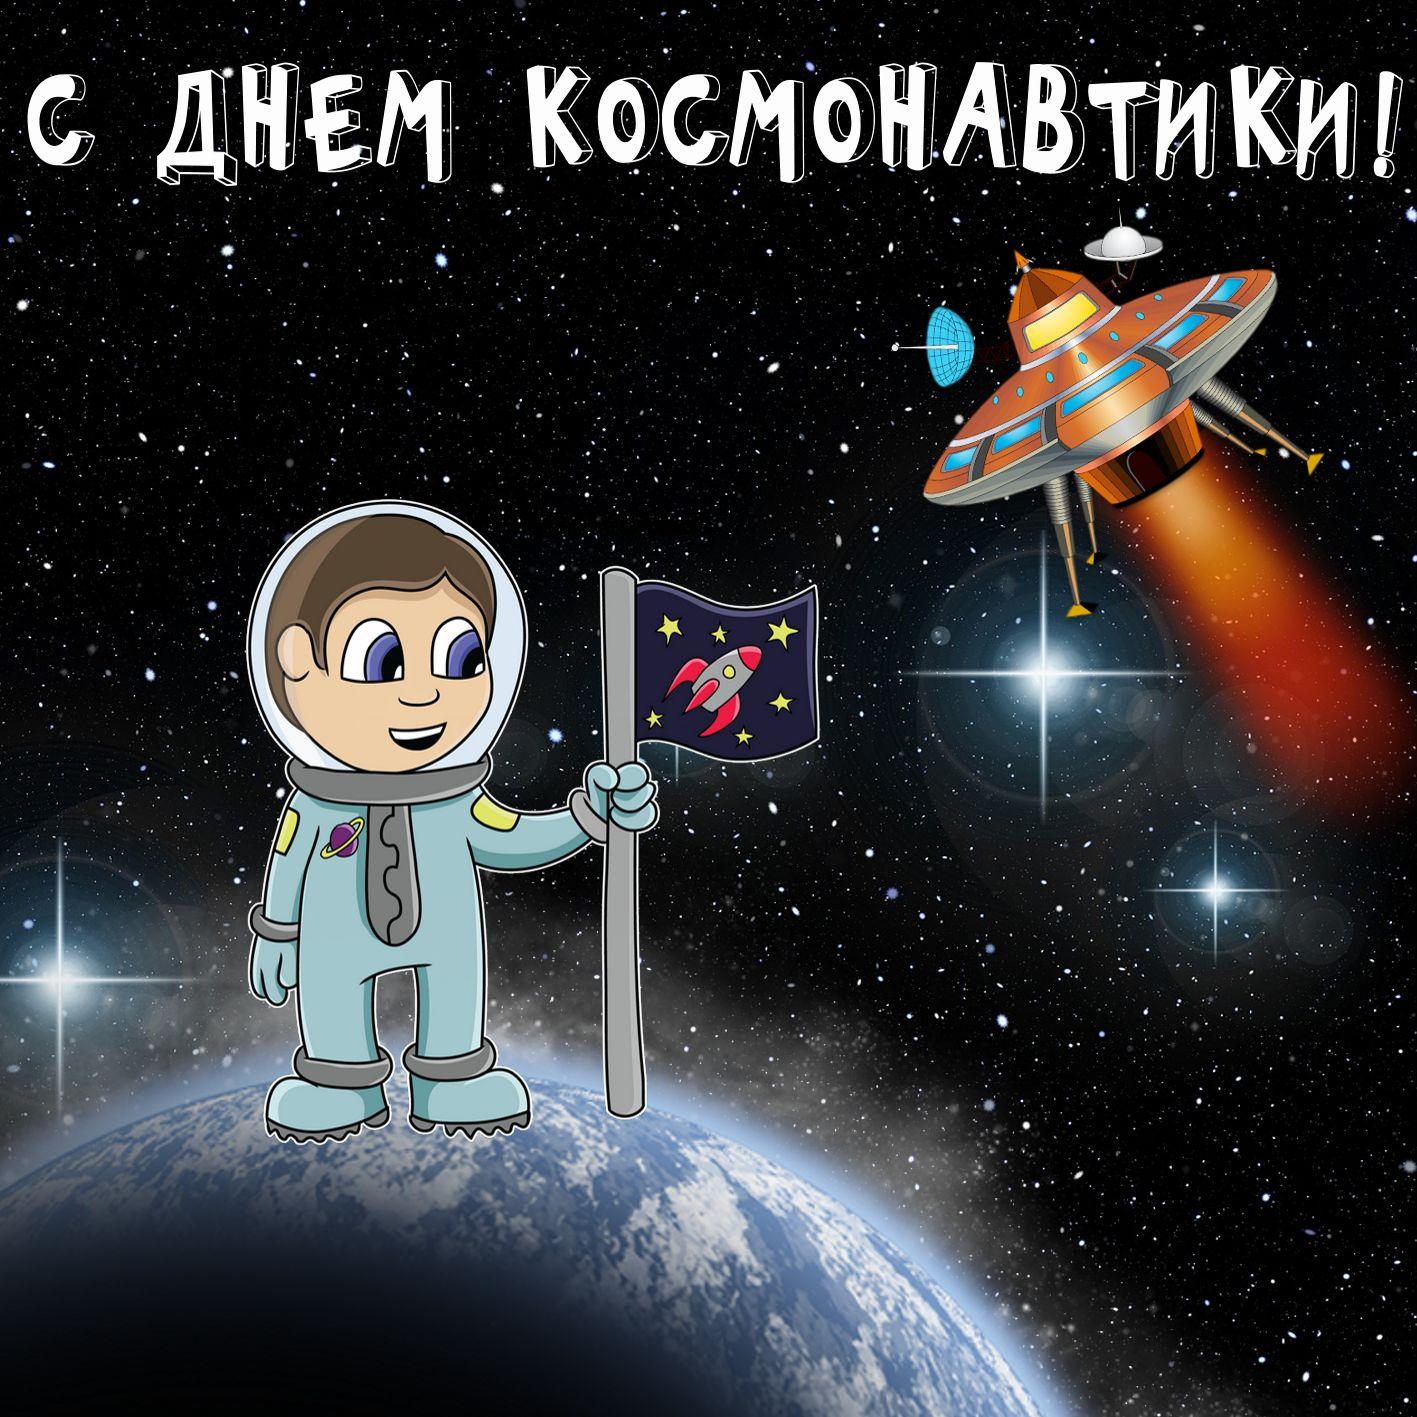 Открытка к дню космонавтики